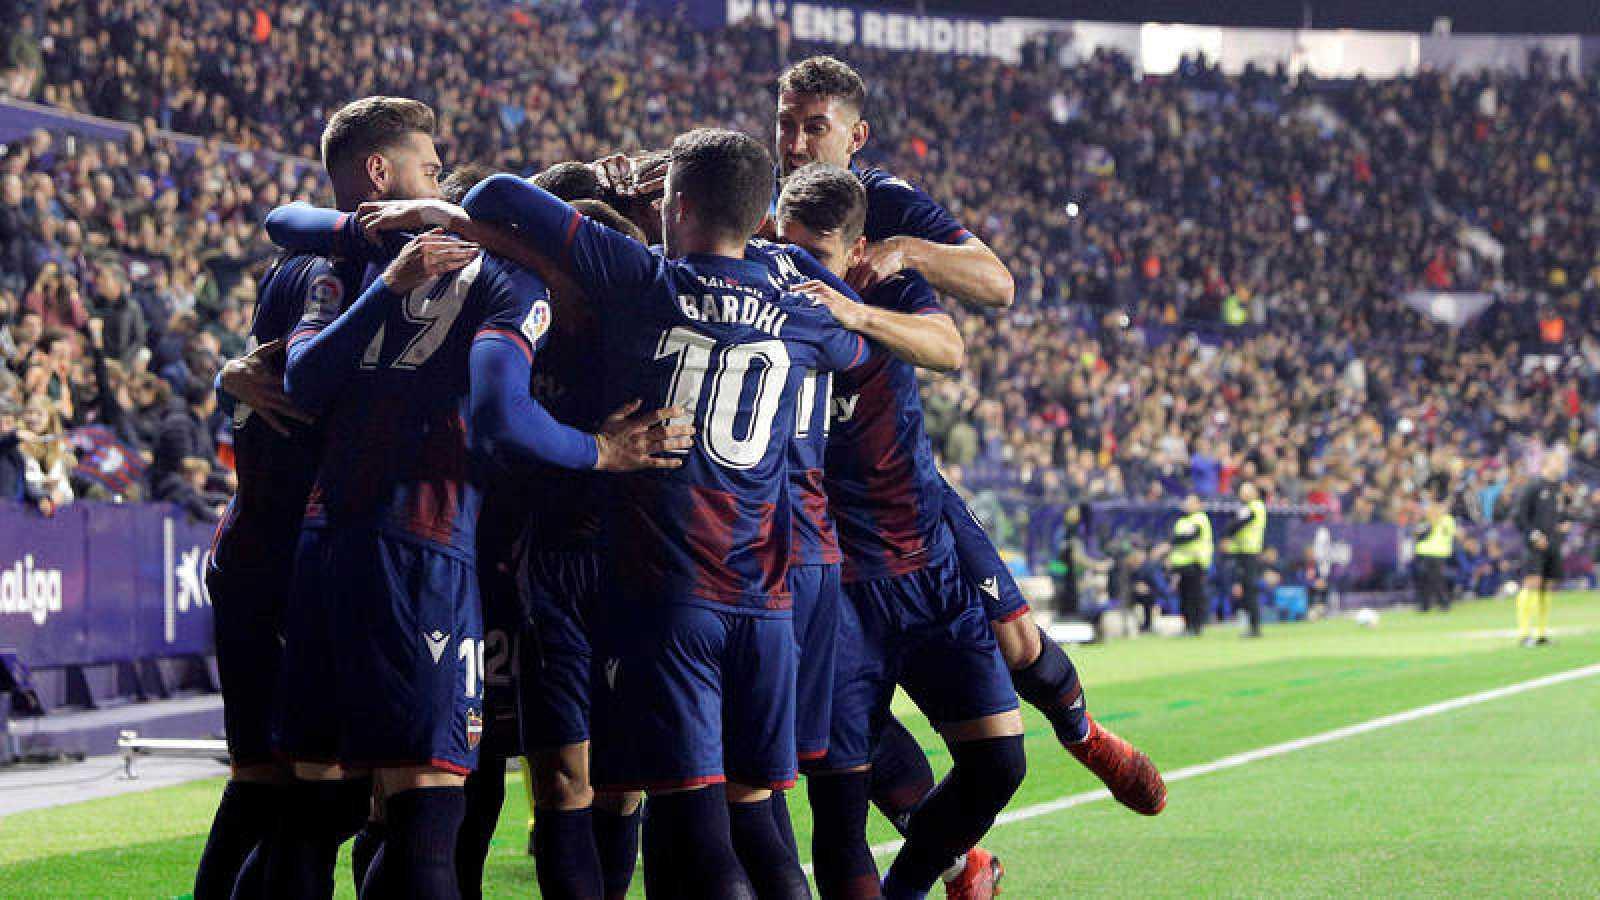 Levante UD vs Valencia FC, celebración del gol del Levante.